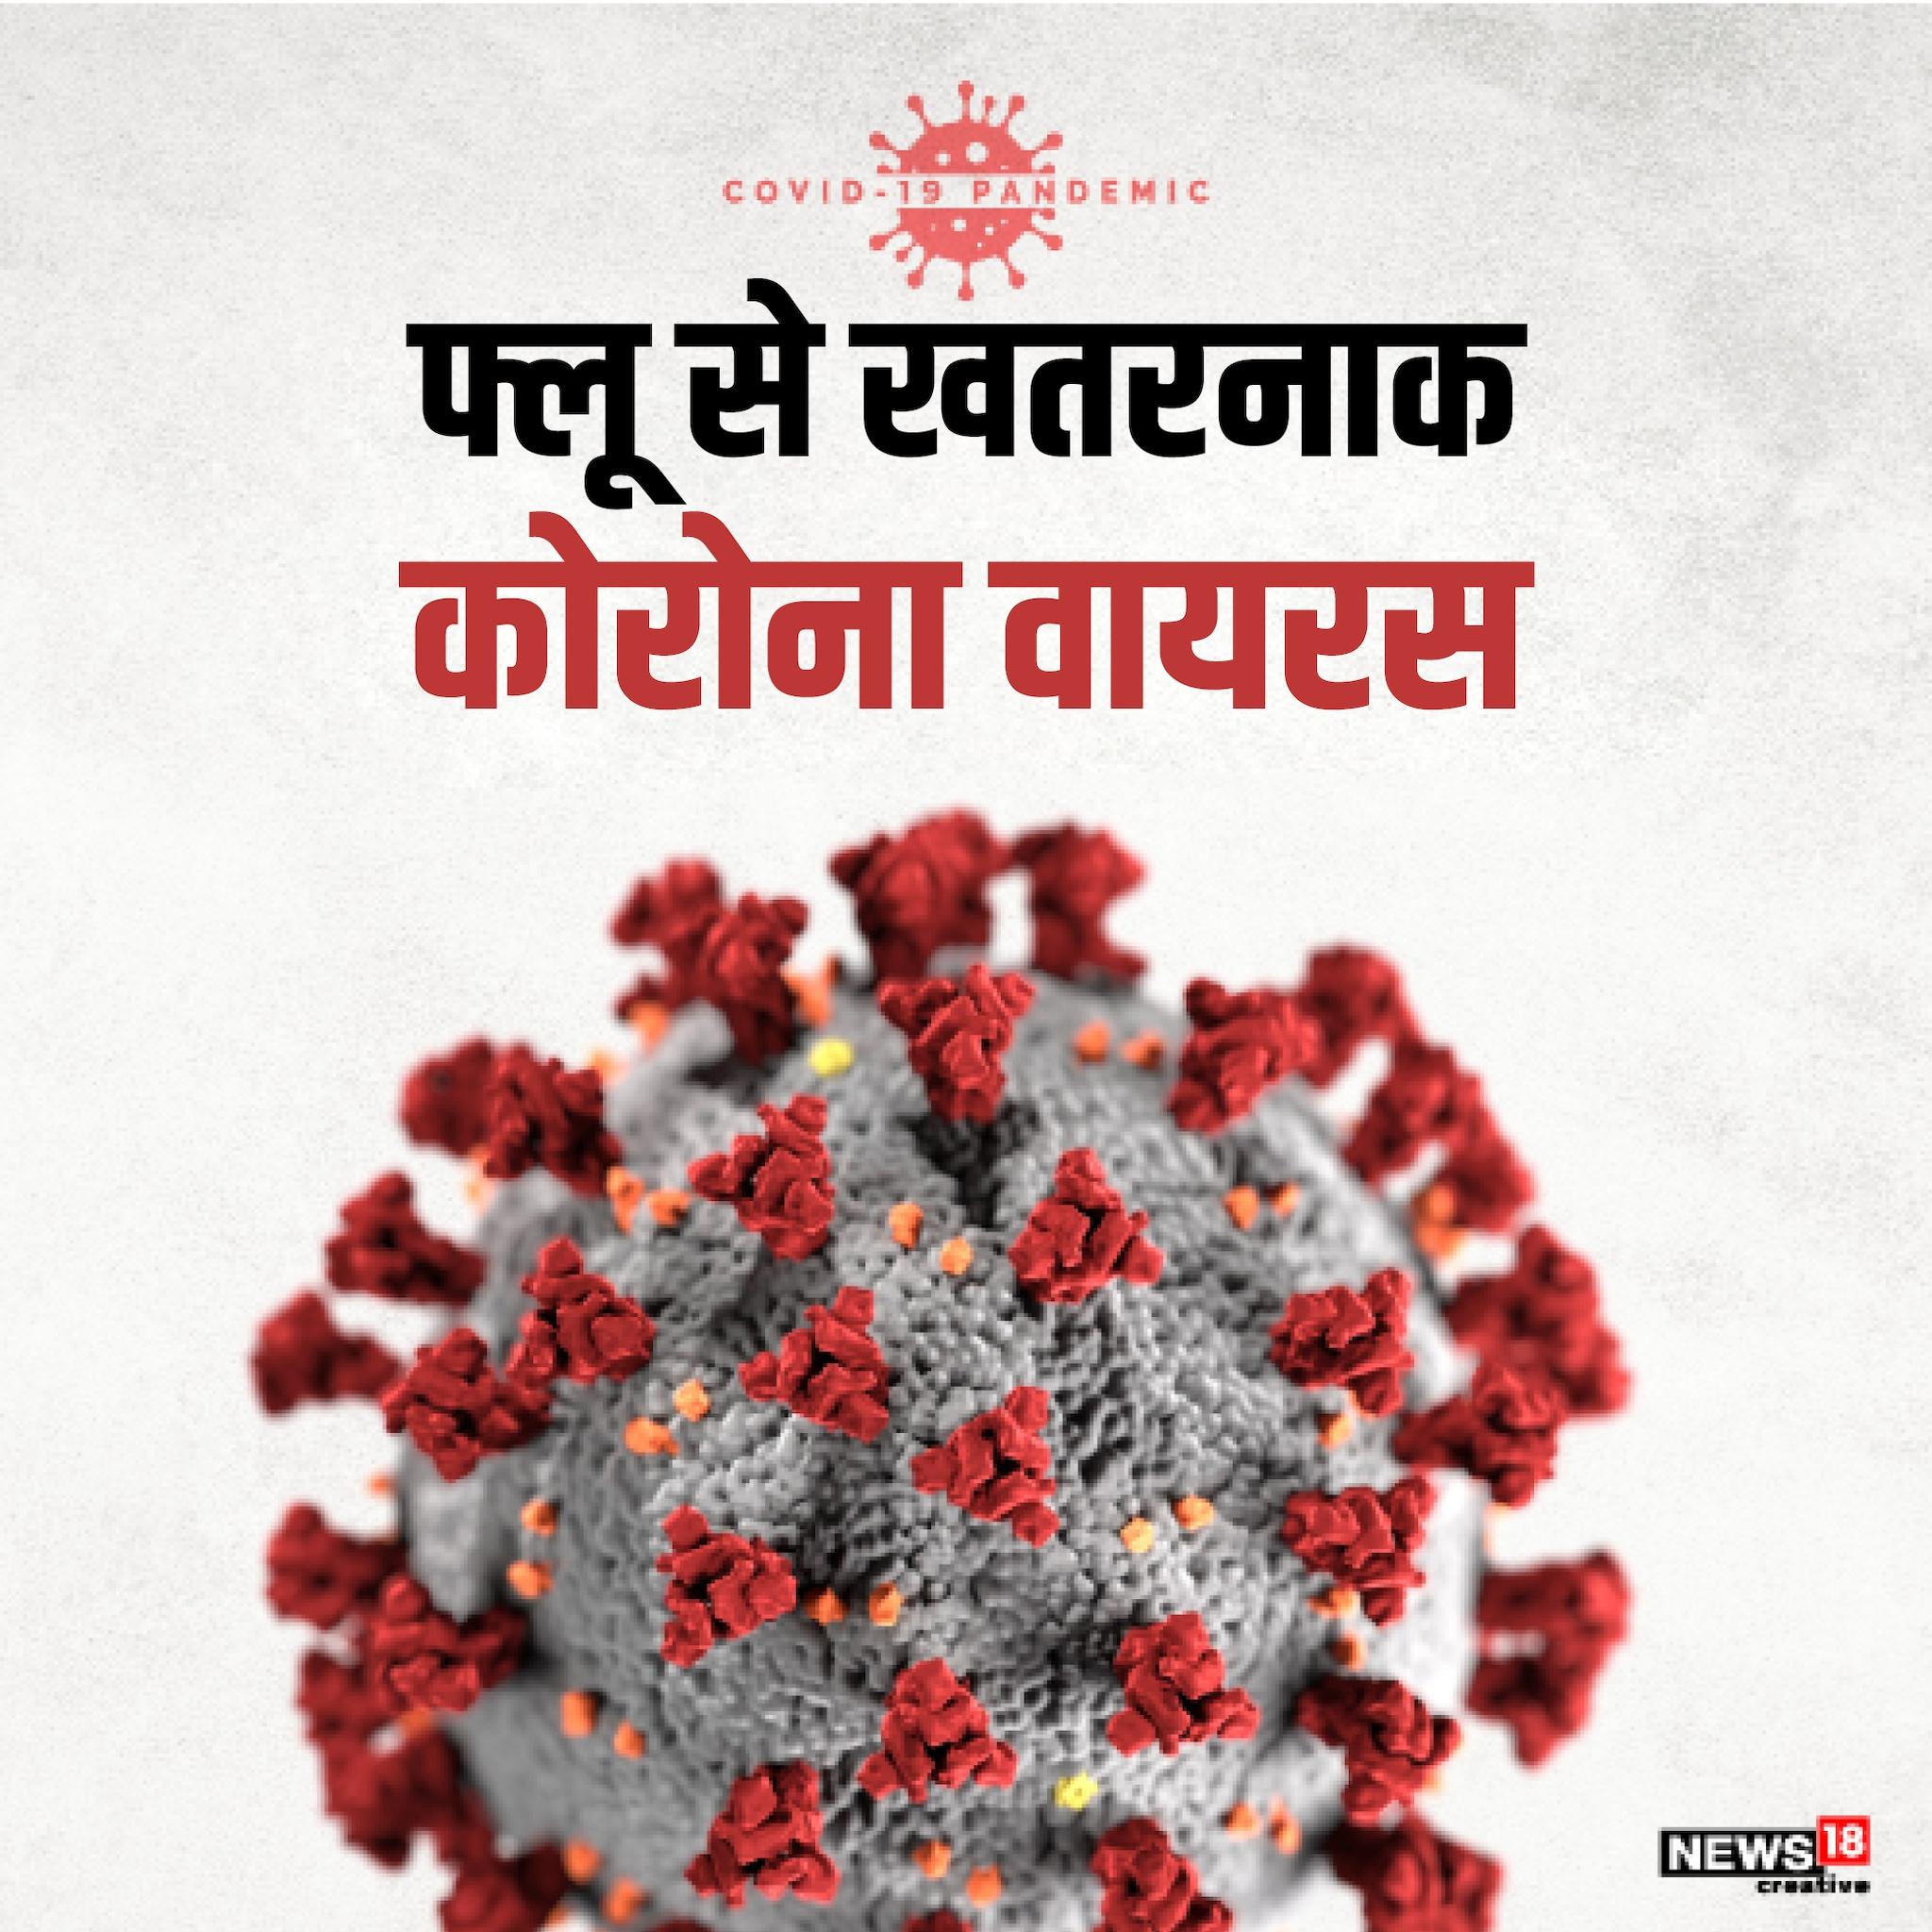 कोरोना वायरस (COVID-19) ने पूरी दुनिया के सैकड़ों देशों को अपनी चपेट में ले रखा है. इन खतरनाक वायरस से संक्रमित लोगों (Corona infection) की संख्या 10 लाख से ज्यादा पहुंच चुकी हैं, जबकि 50 हजार से ज्यादा की मौत हो गई है. जानिए कैसे कोरोना वायरस दूसरे वायरसों से ज्यादा खतरनाक है?